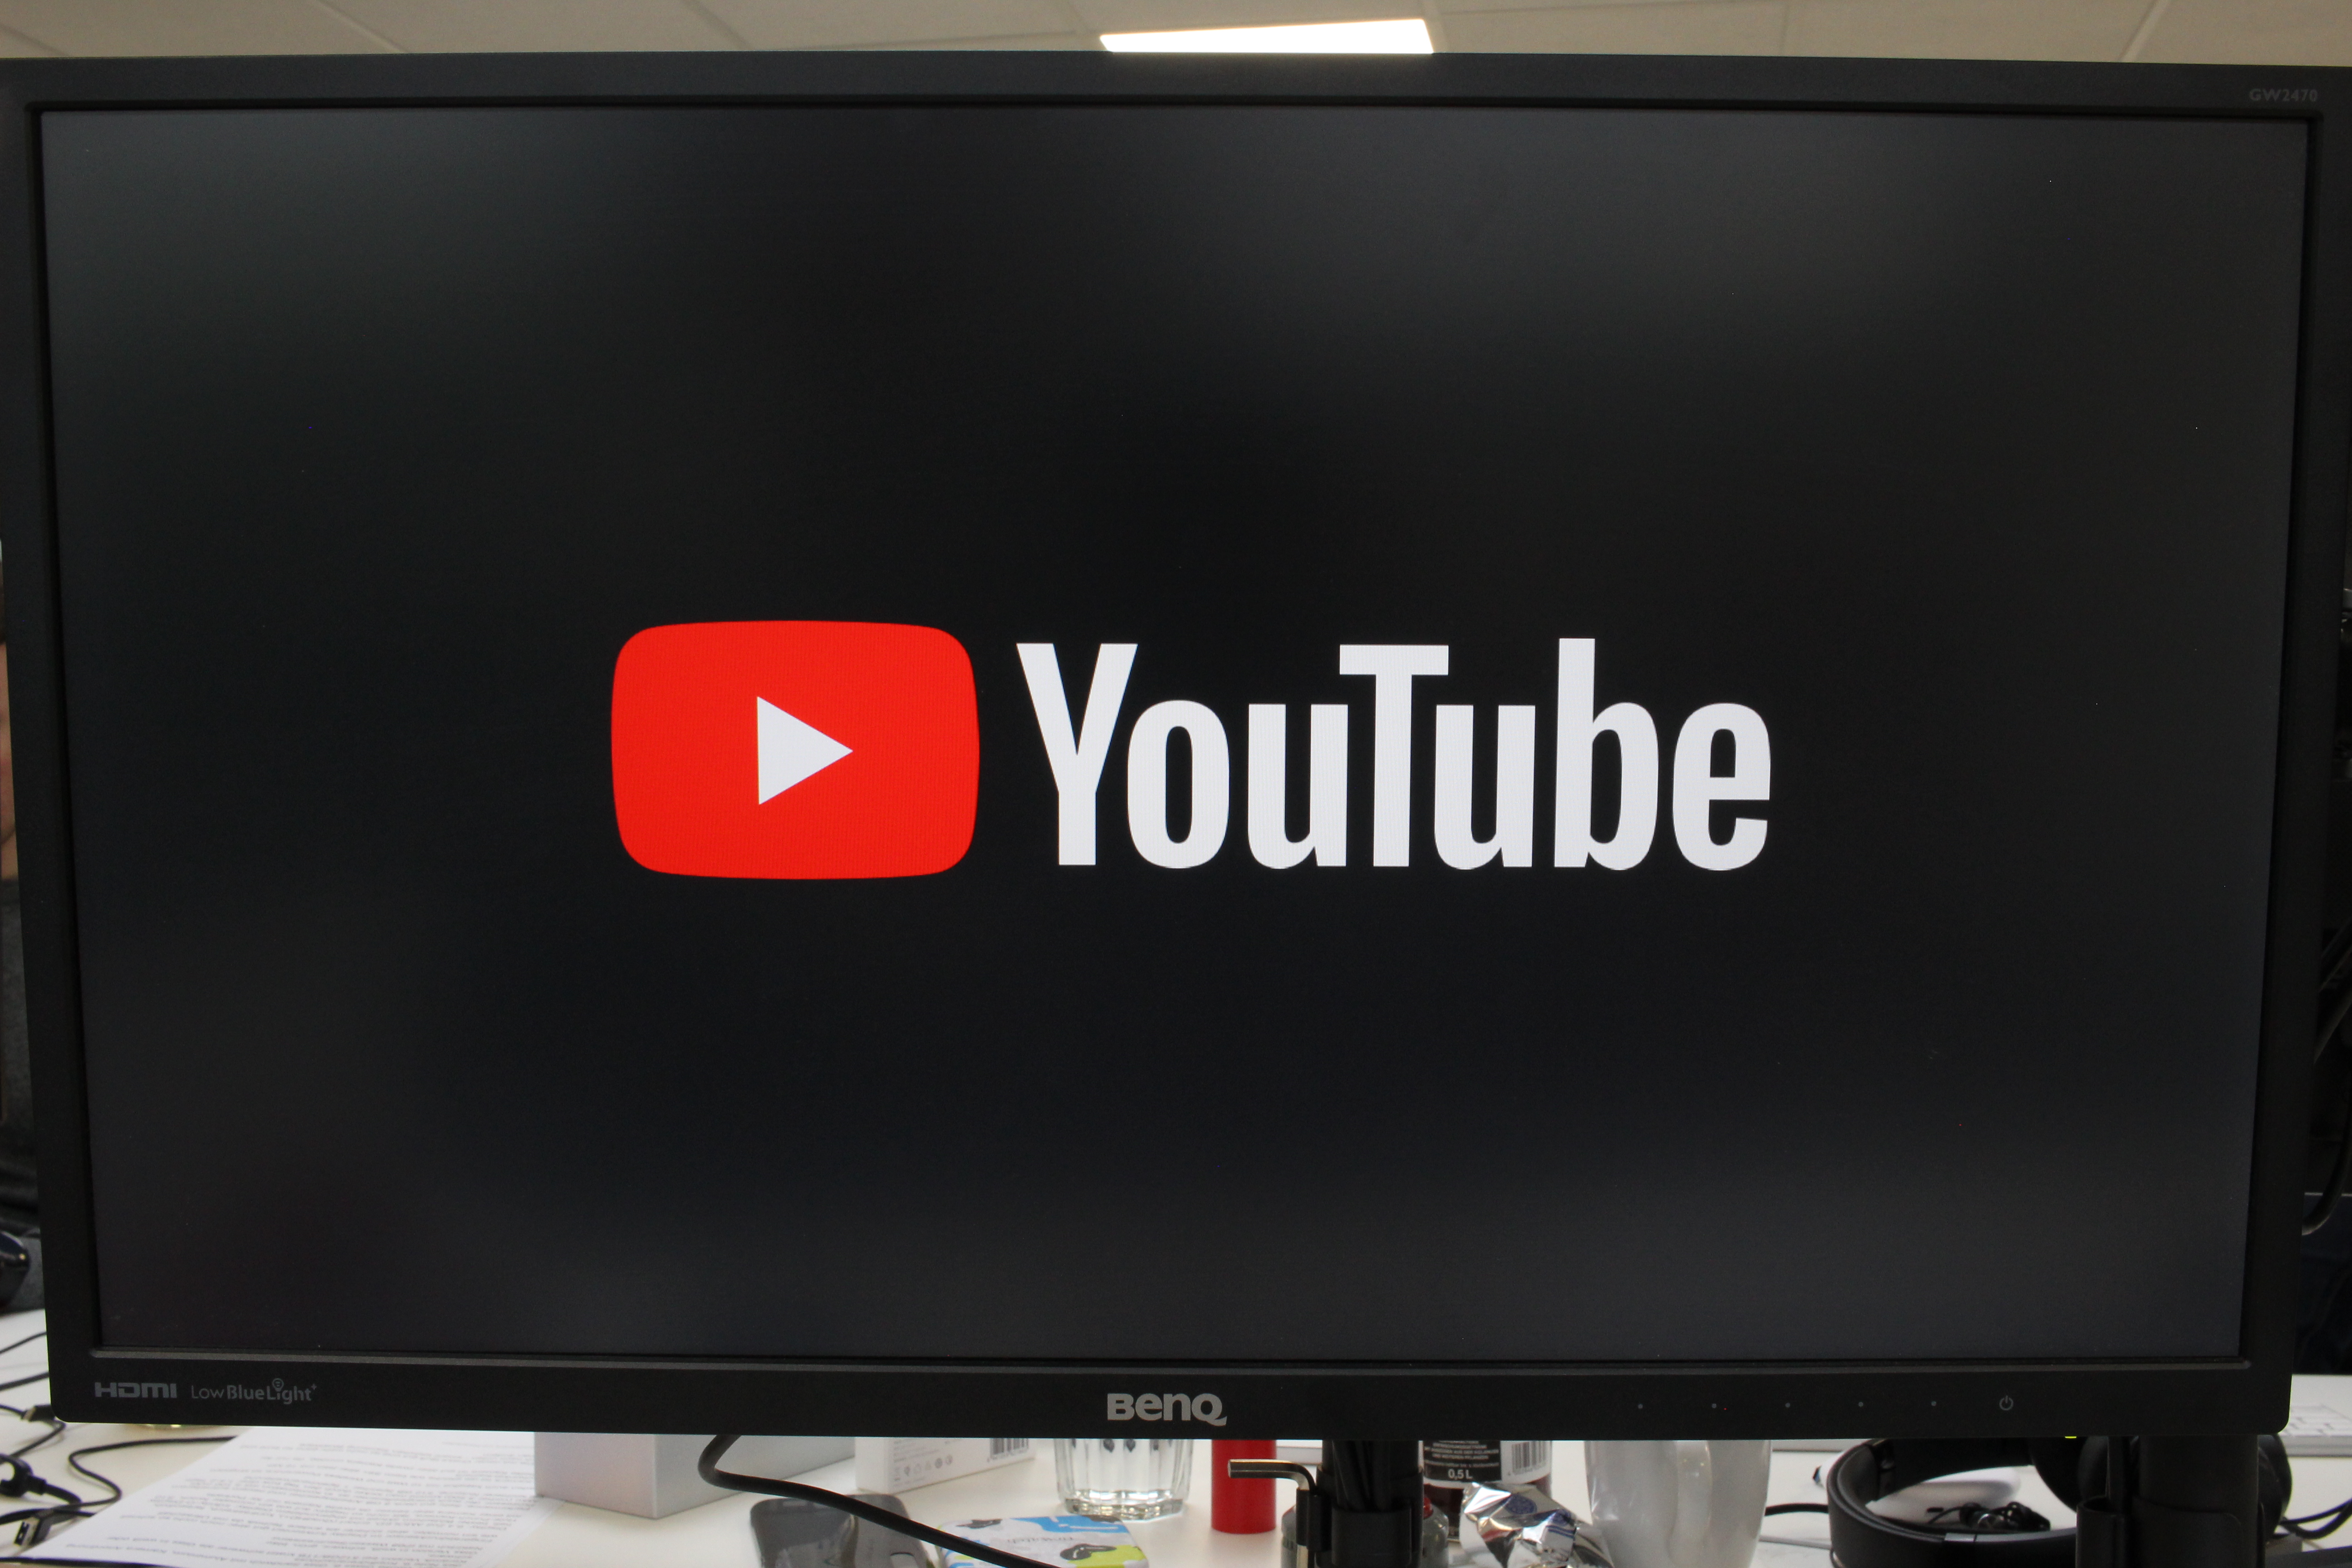 gigatv 4k box youtube streamen